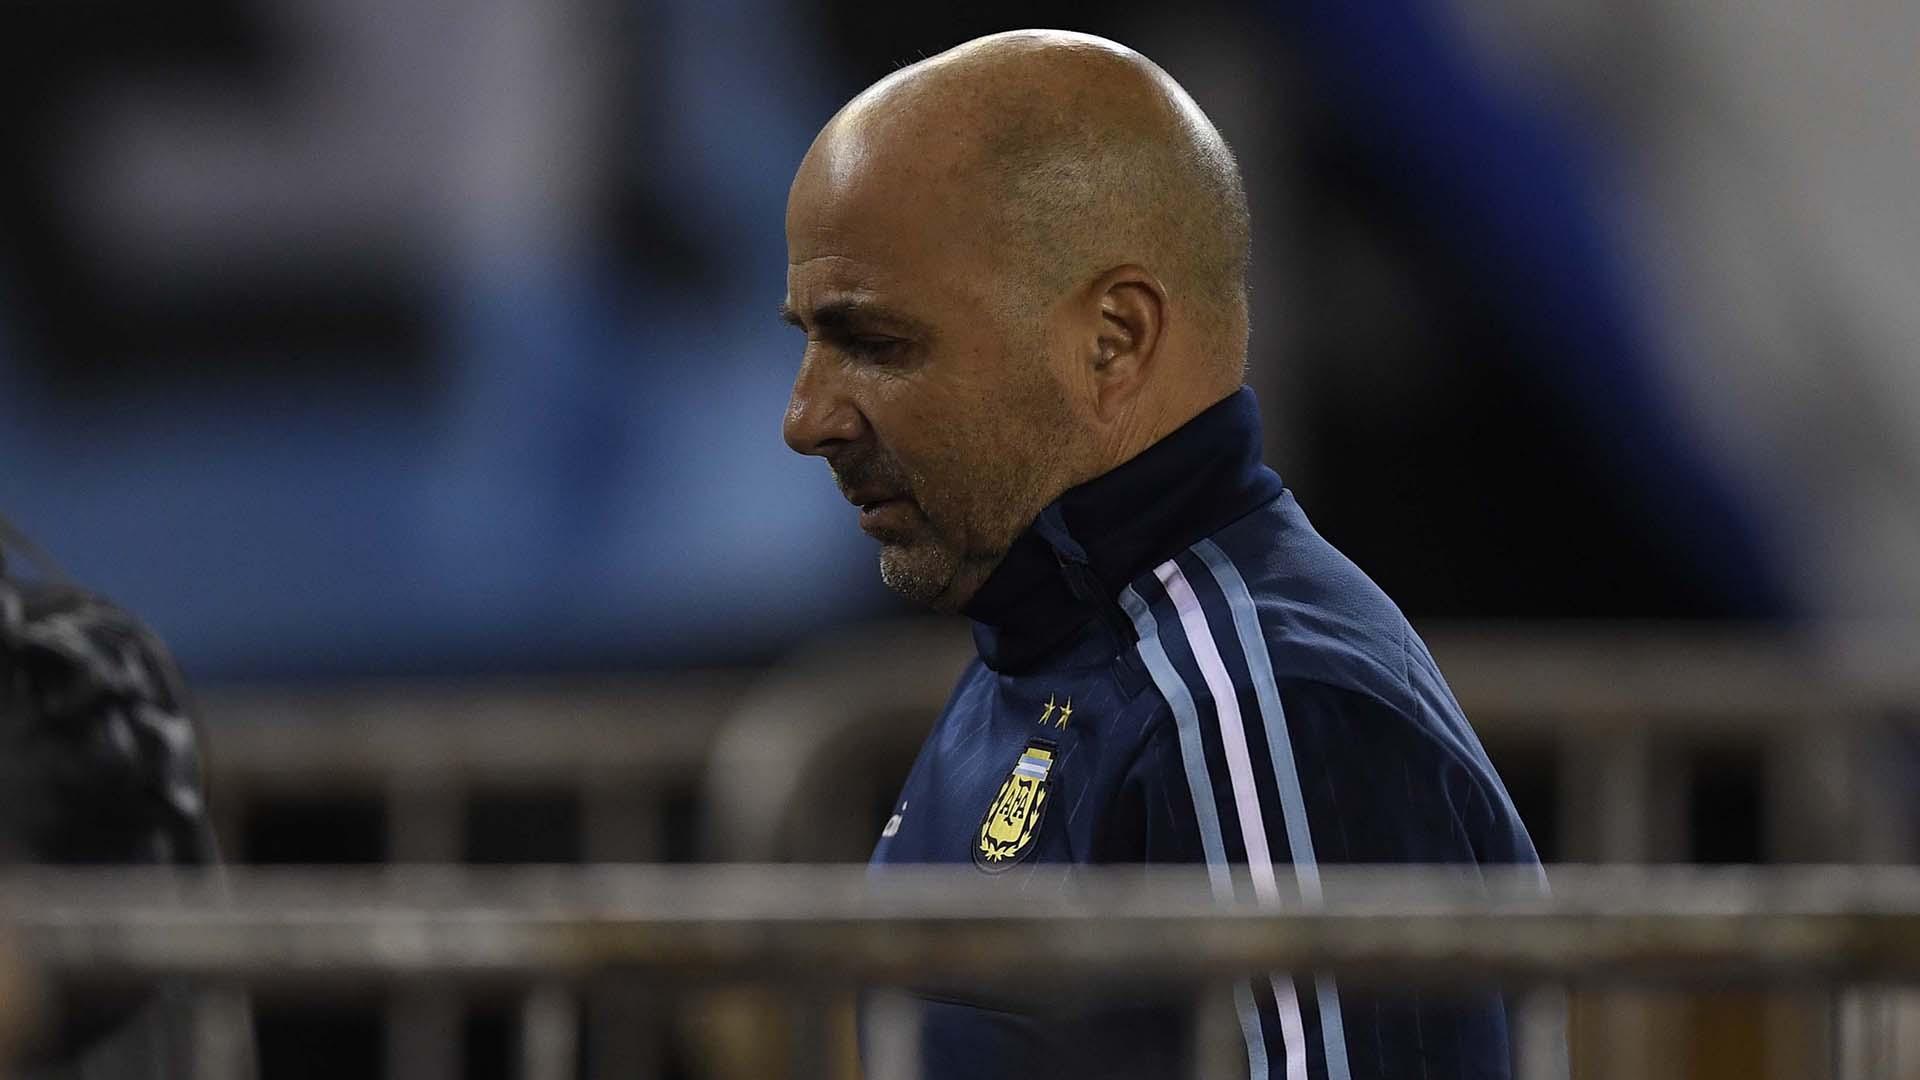 El entrenador brindó una conferencia de prensa al finalizar el partido contra Venezuela (Télam)